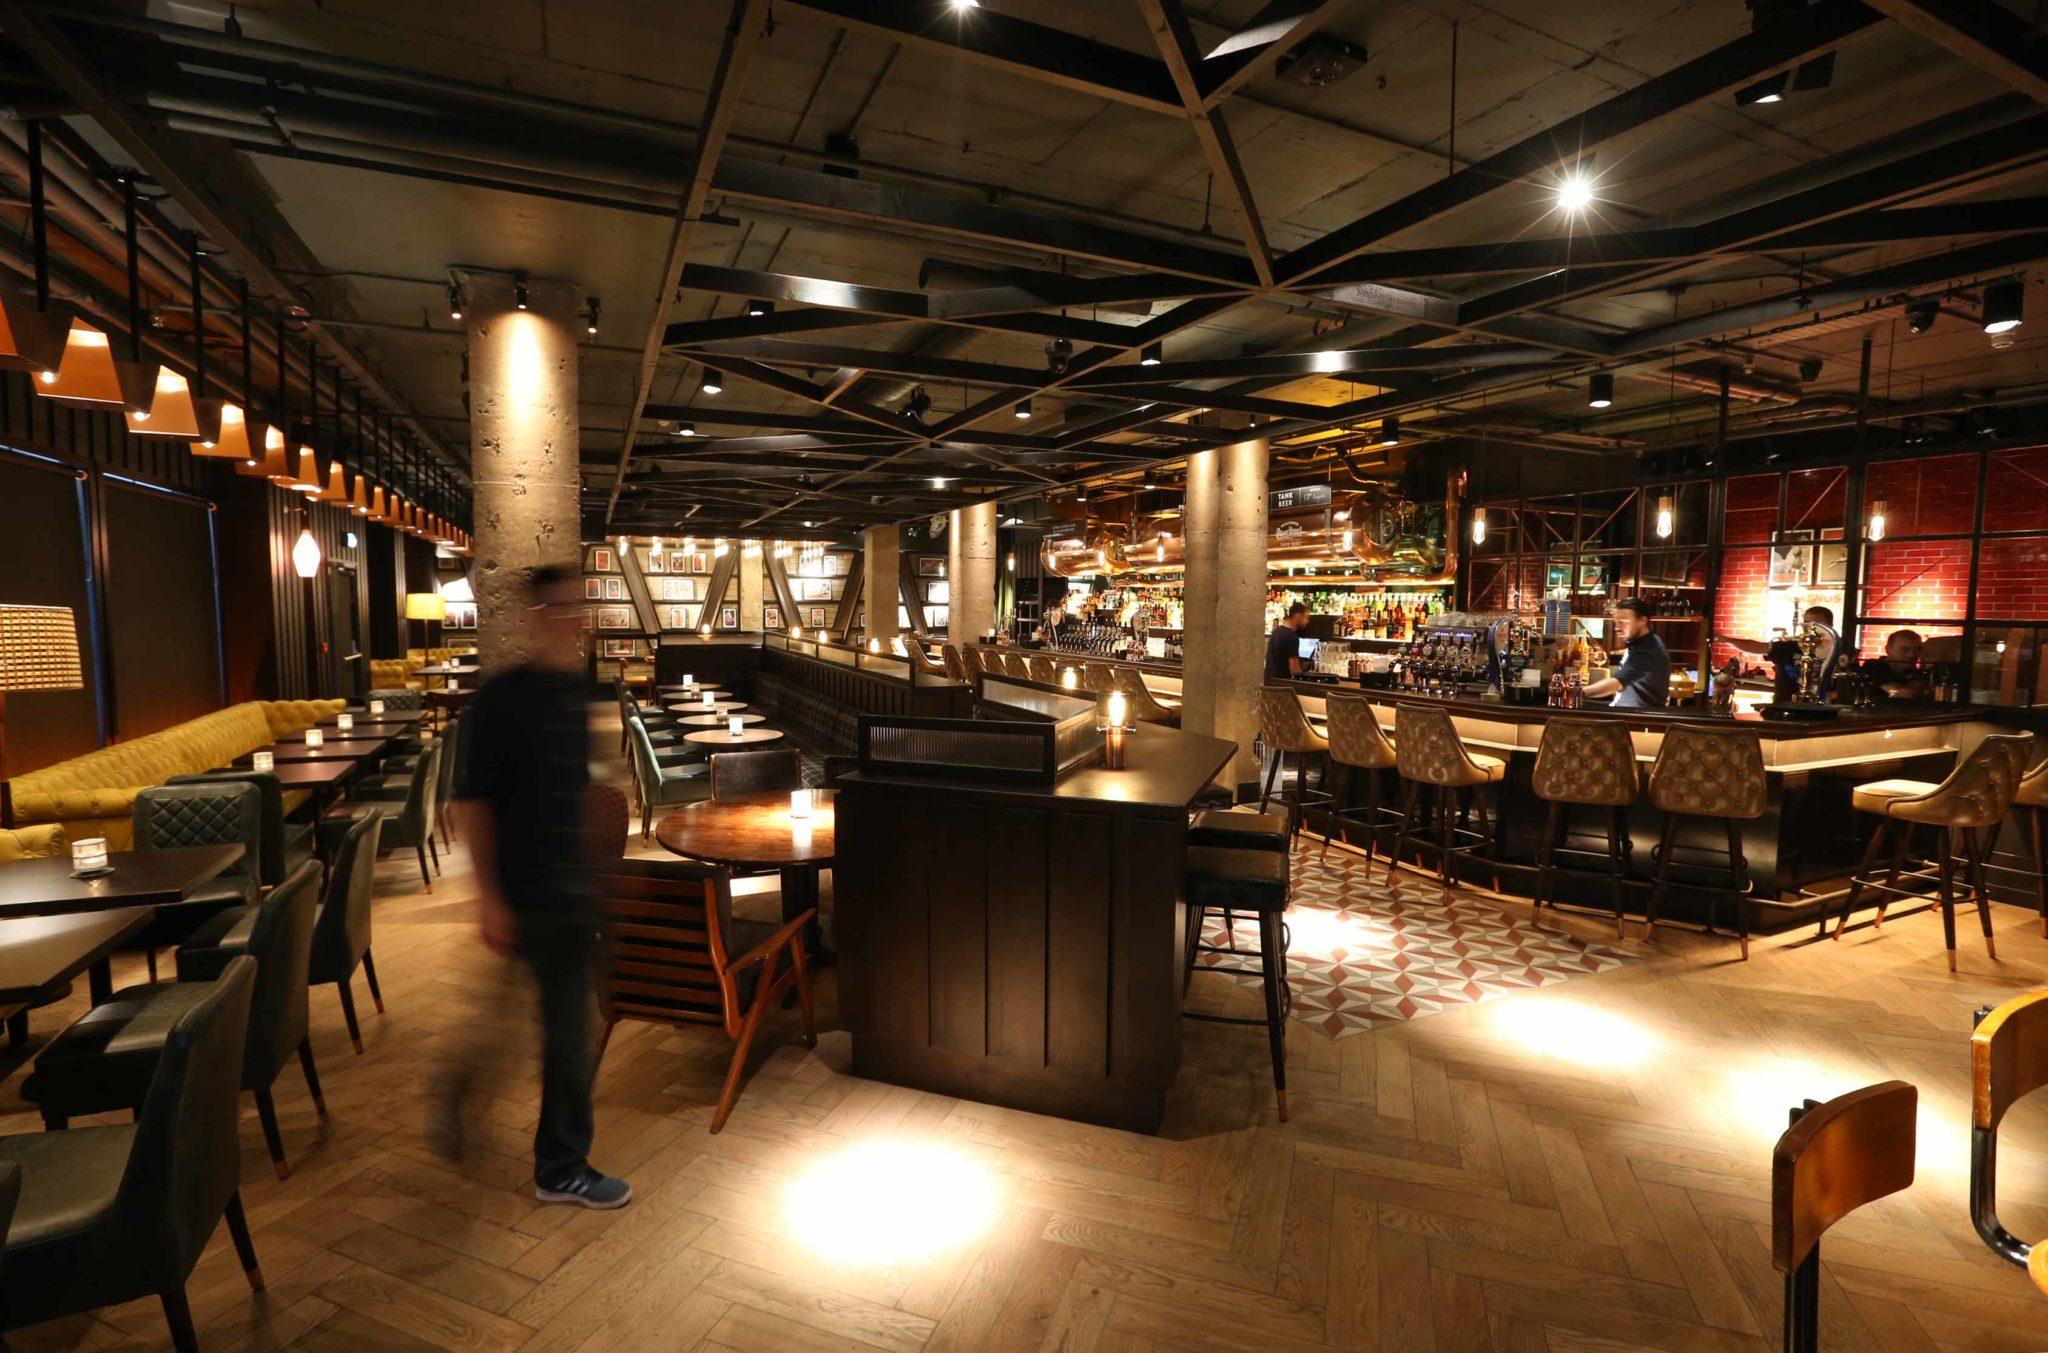 Lemon & Duke bar and restaurant in Dublin City Centre